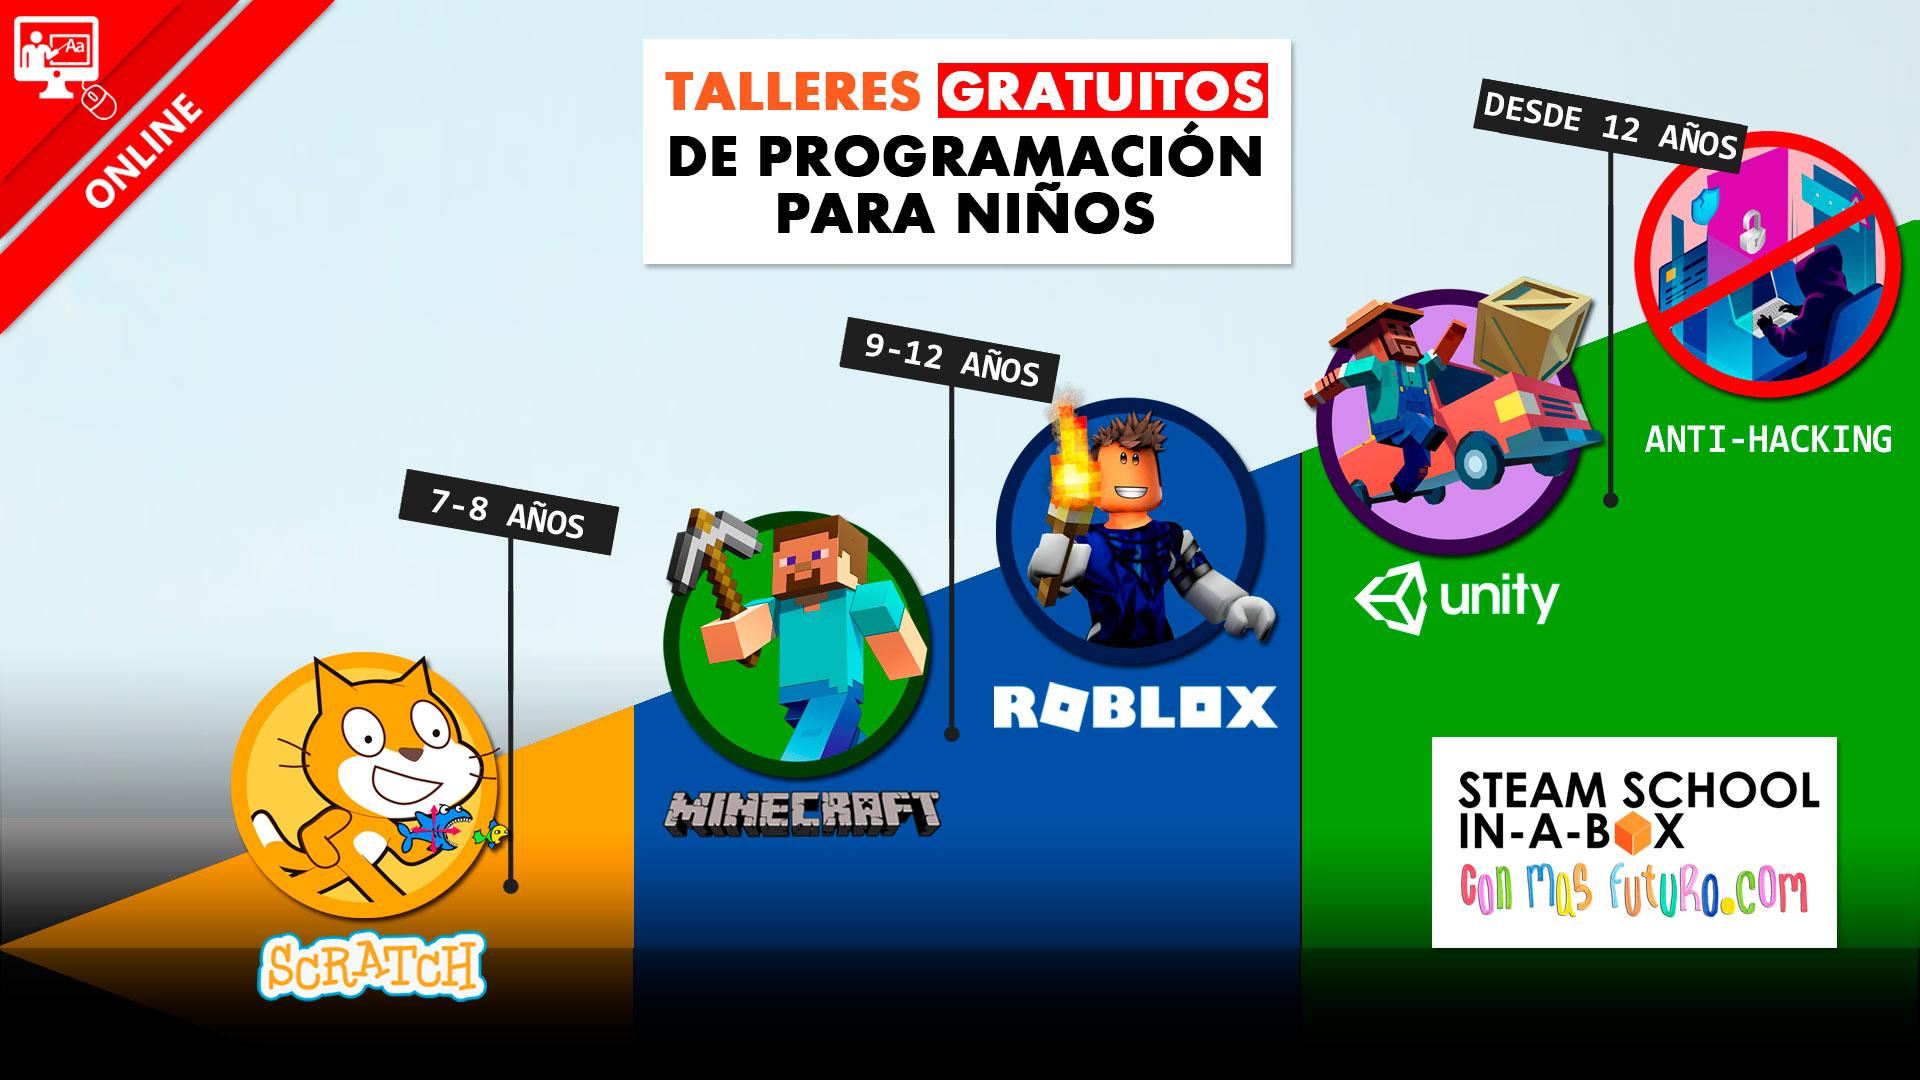 Catálogo Talleres Gratuitos